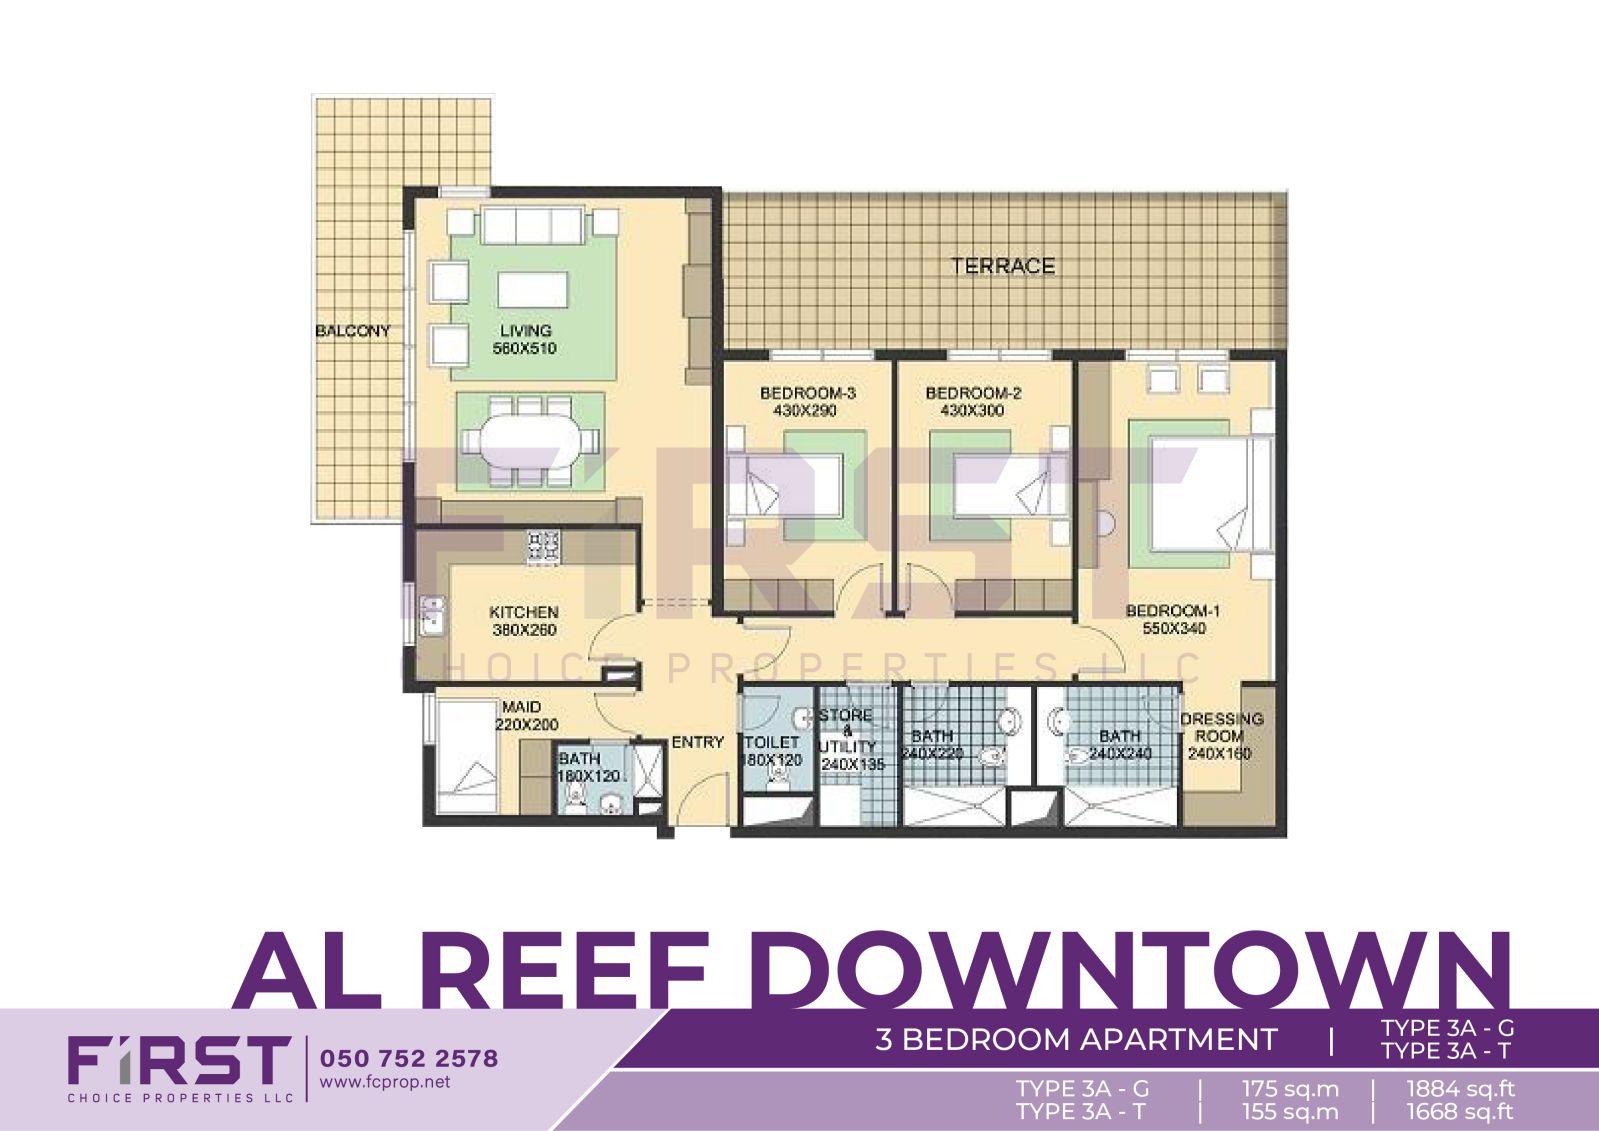 Floor Plan of 3 Bedroom Apartment TYPE 3A-G in Al Reef Downtown Al Reef Abu Dhabi UAE 175 sq.m 1884 sq.ft T 155 sq.m 1668 sq.ft.jpg